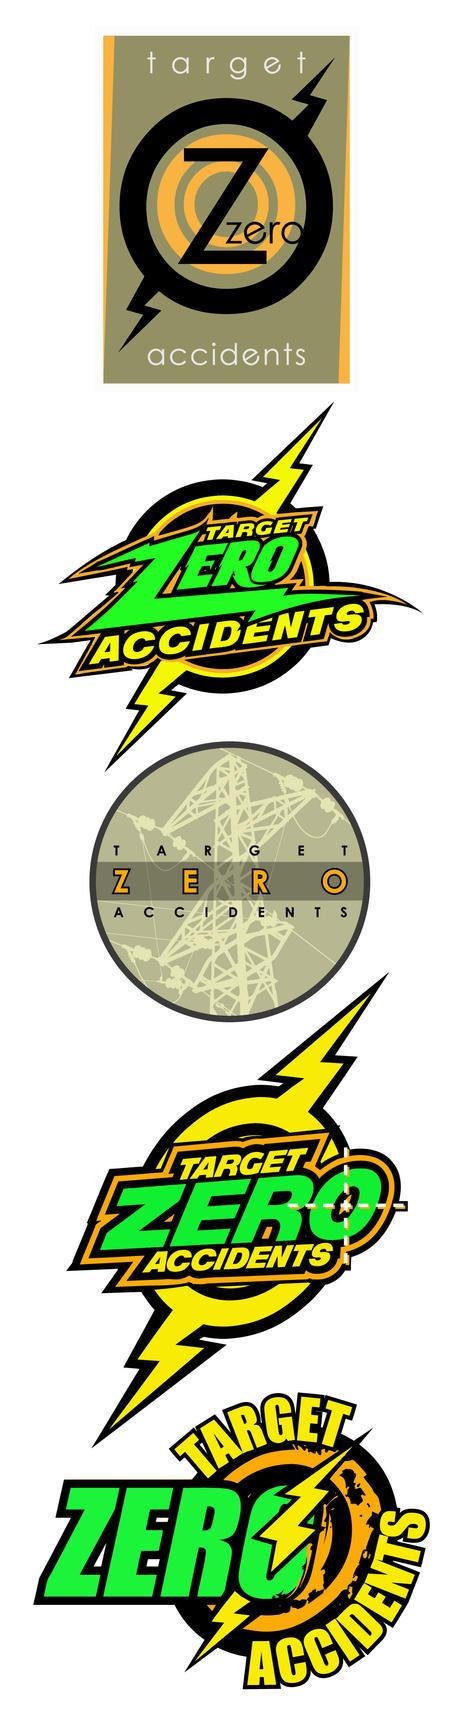 how to achieve zero accident